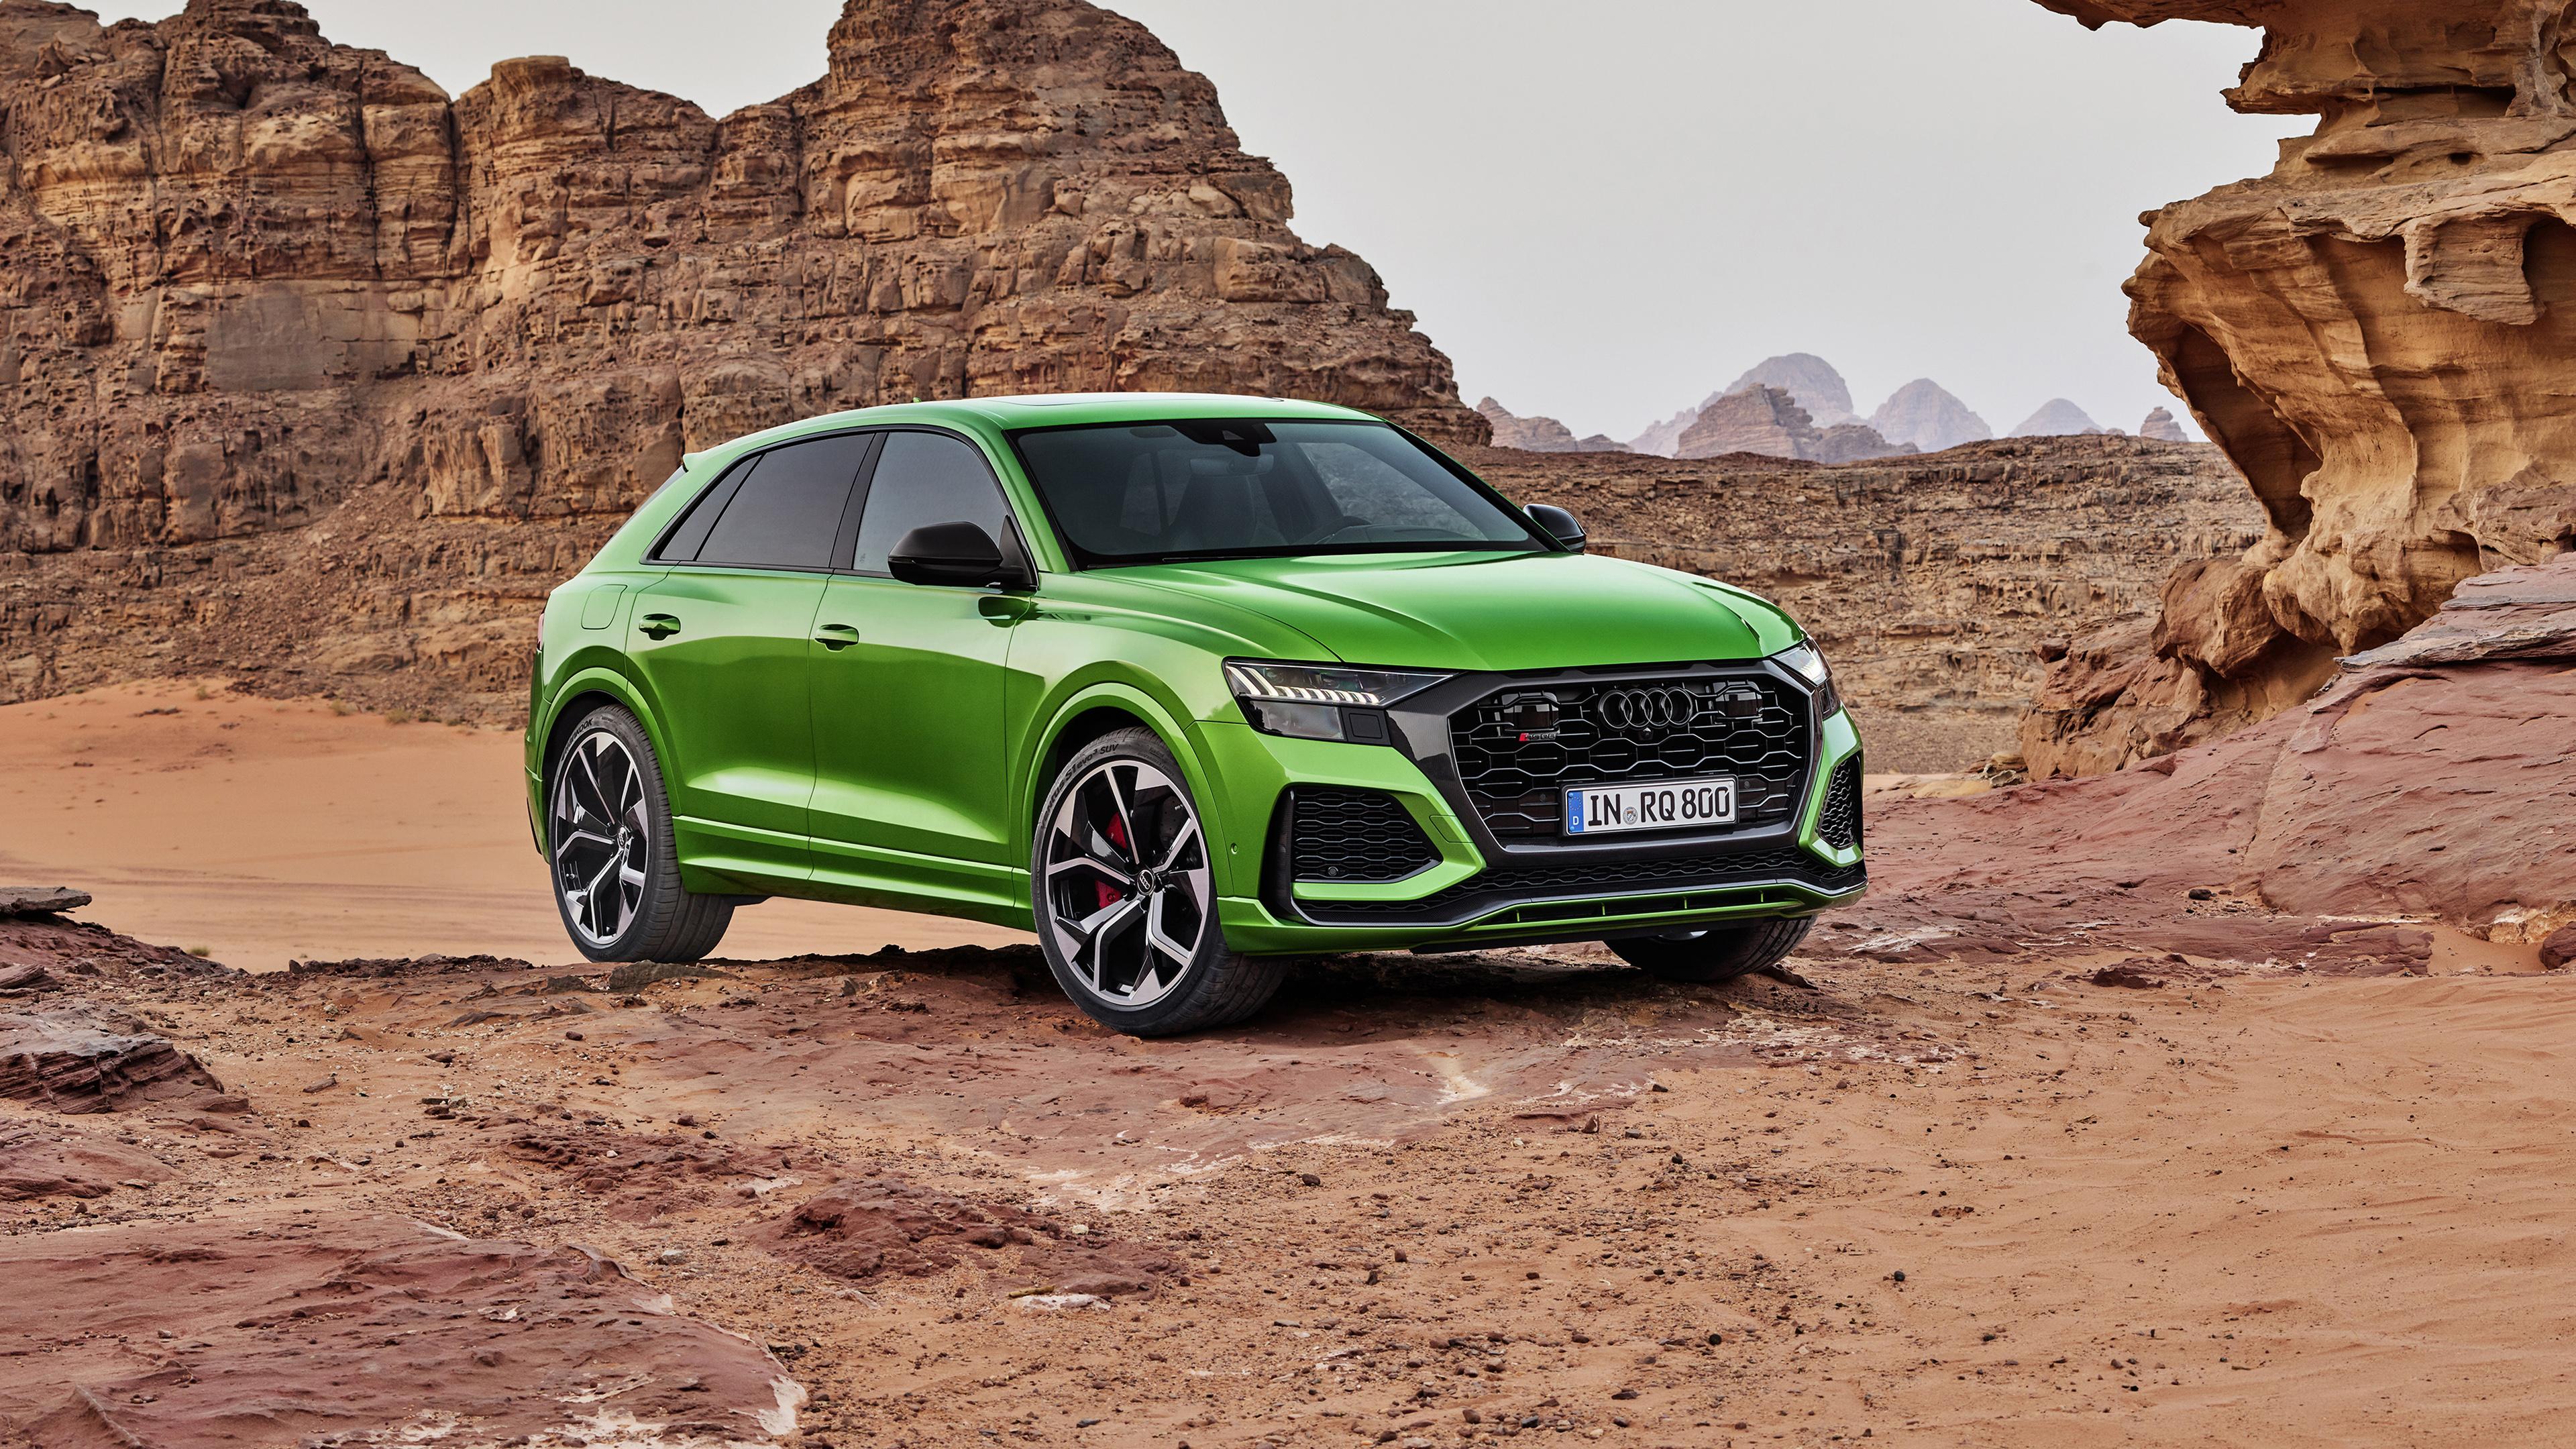 Audi Rs Q8 2020 4k 5 Wallpaper Hd Car Wallpapers Id 13719 Audi rs q8 2020 4k interior wallpaper